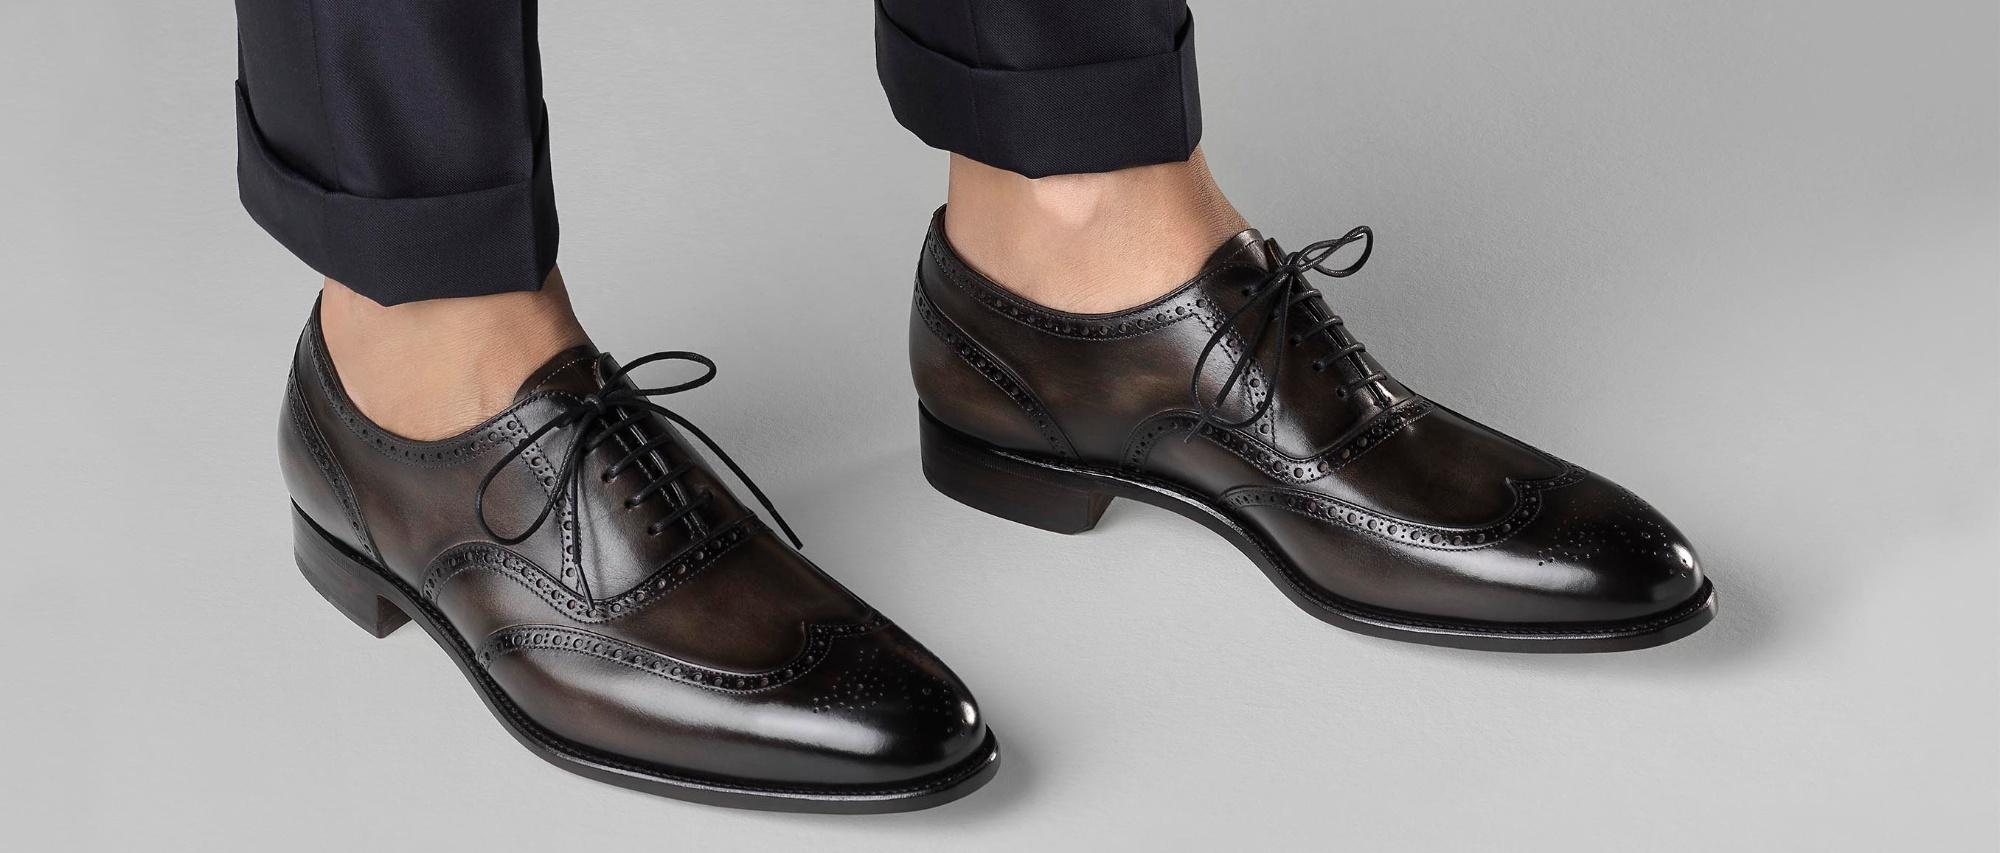 Wingtip Brogue Shoes | Carlos Santos